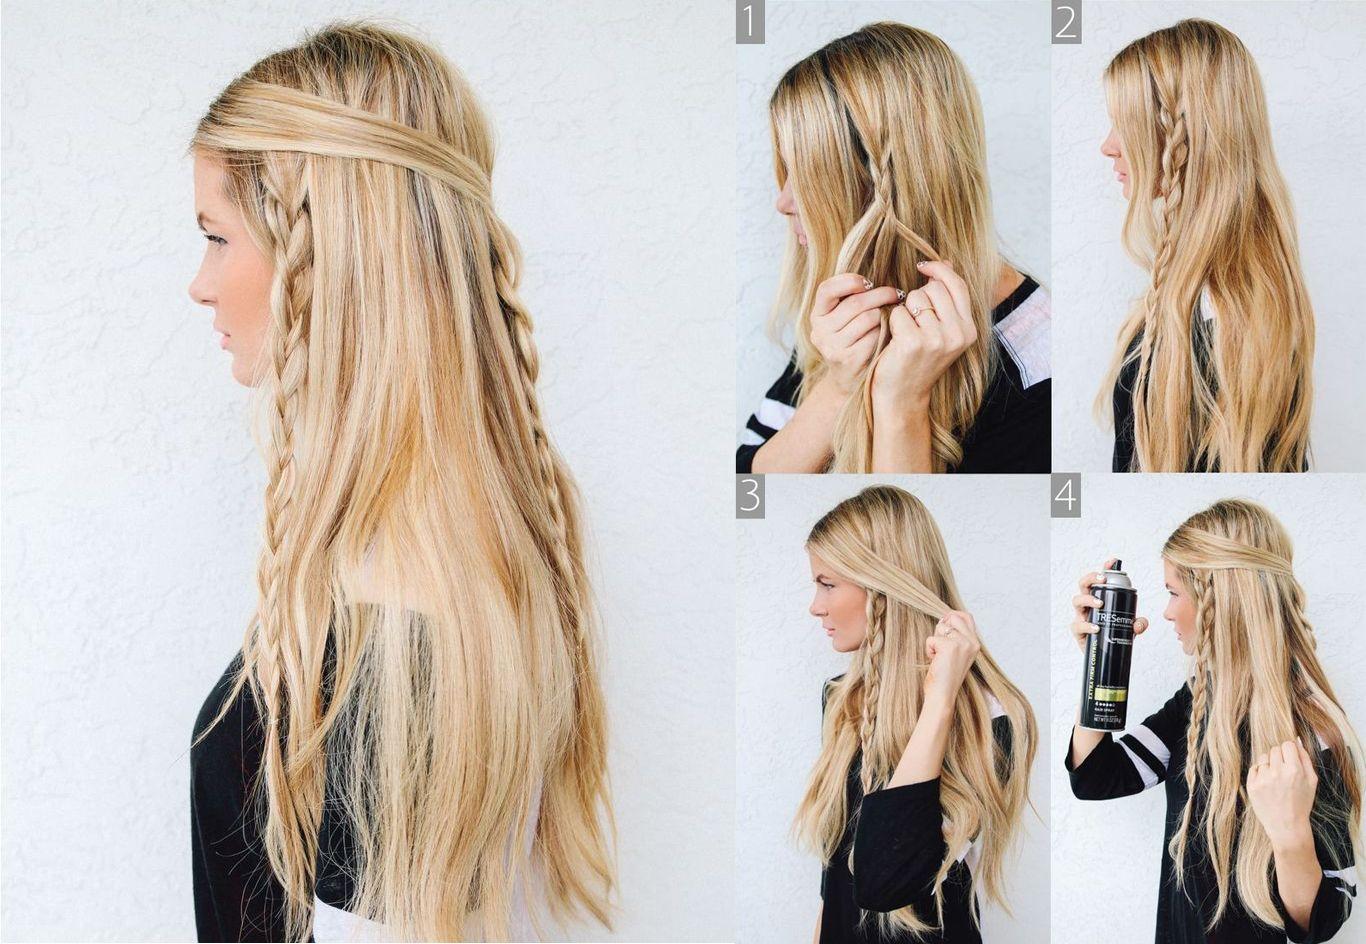 Hippie Braid Tutorial Hippie Braid Cliphair Hairstyle Frisuren Einfach Haar Styling Coole Frisuren